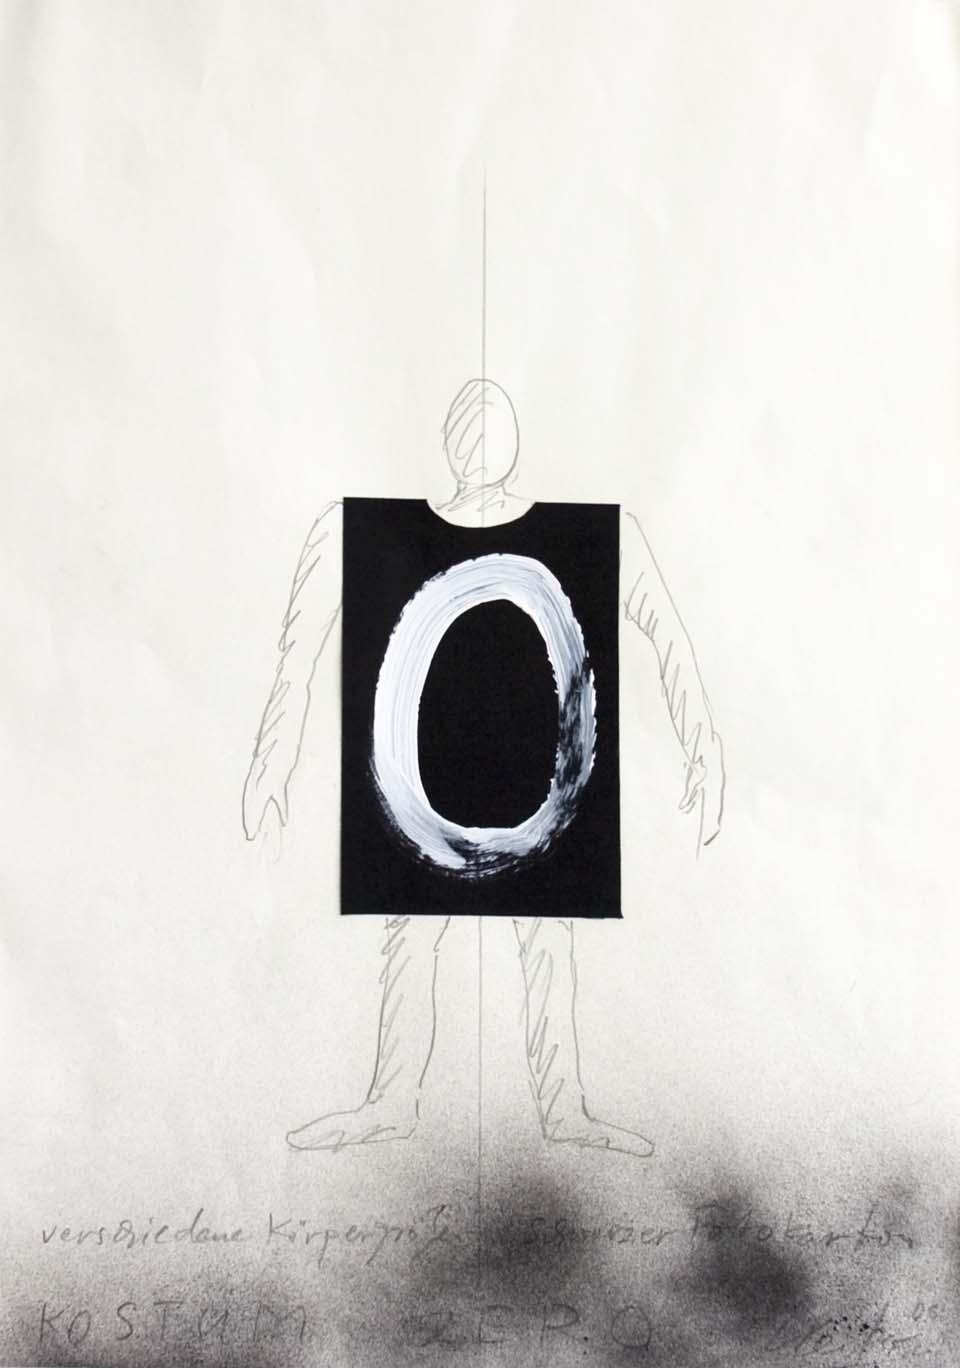 Günther Uecker, Kostüm ZERO (Entwurf), 2006, Sammlung ZERO foundation